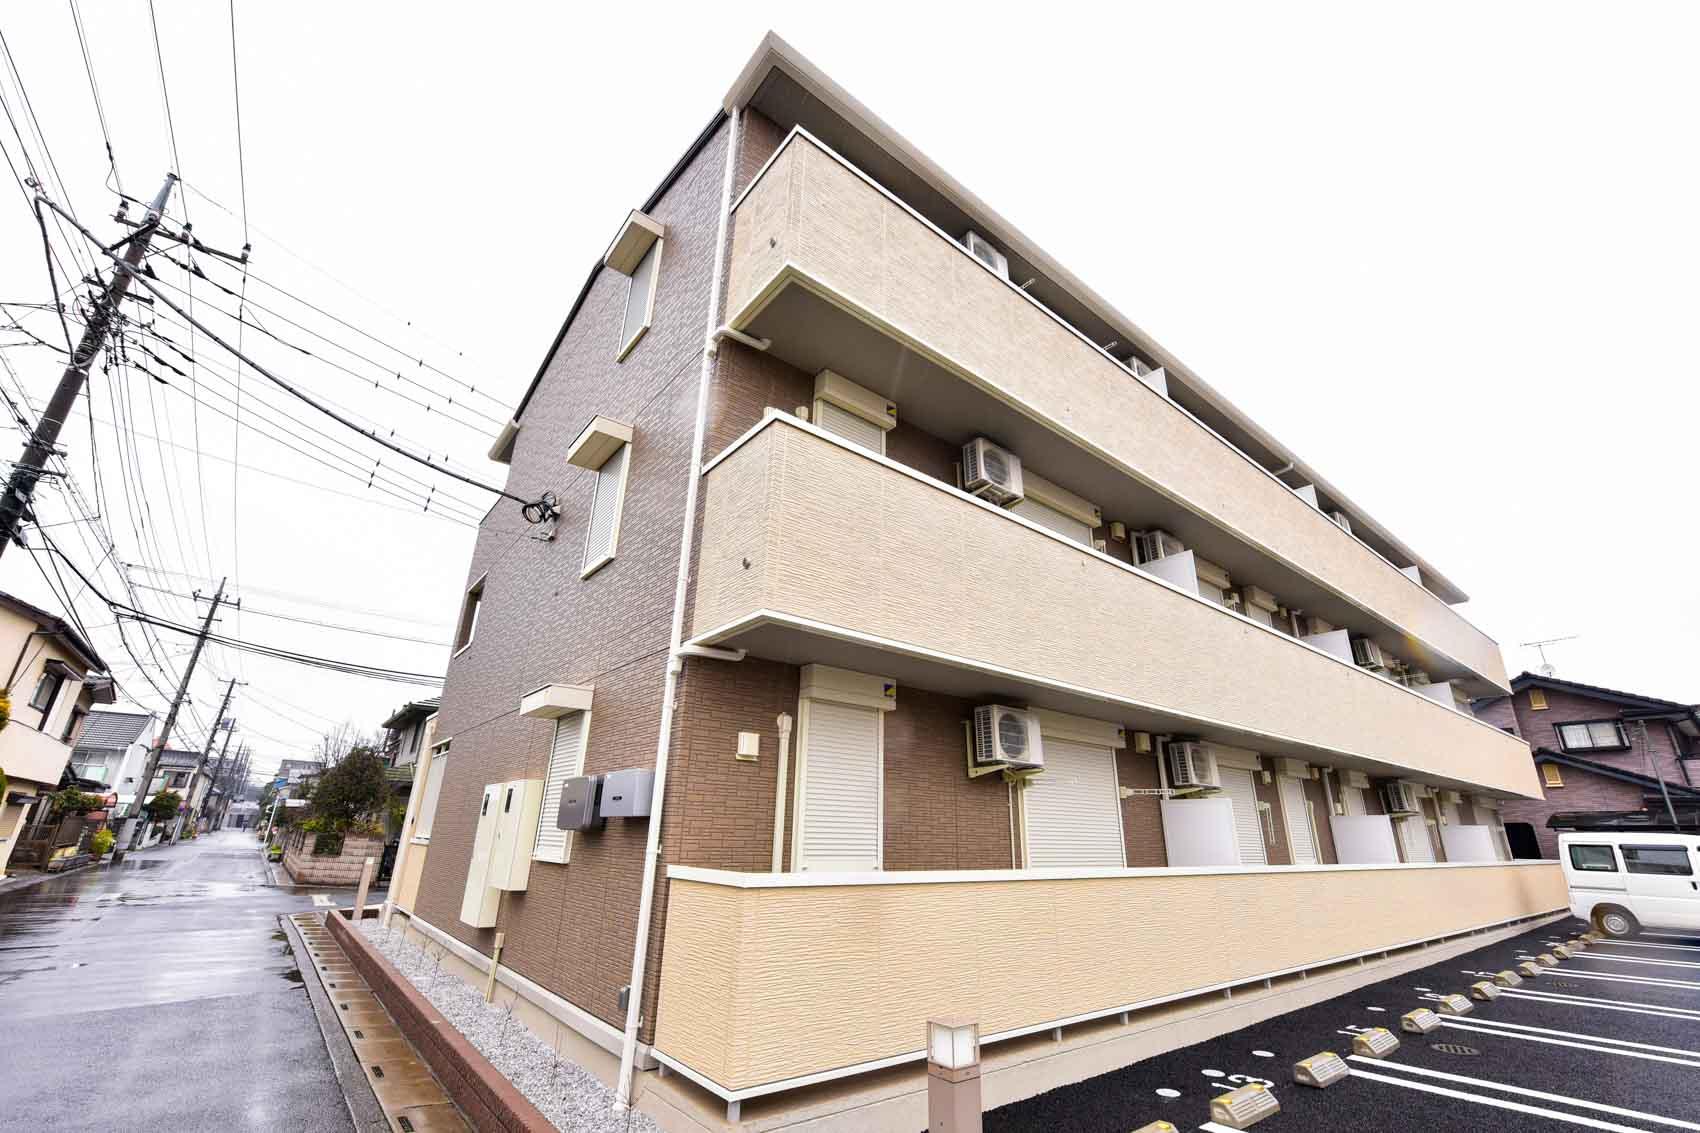 埼玉県川越市、ふじみ野駅徒歩42分の築1年 3階建の賃貸アパート